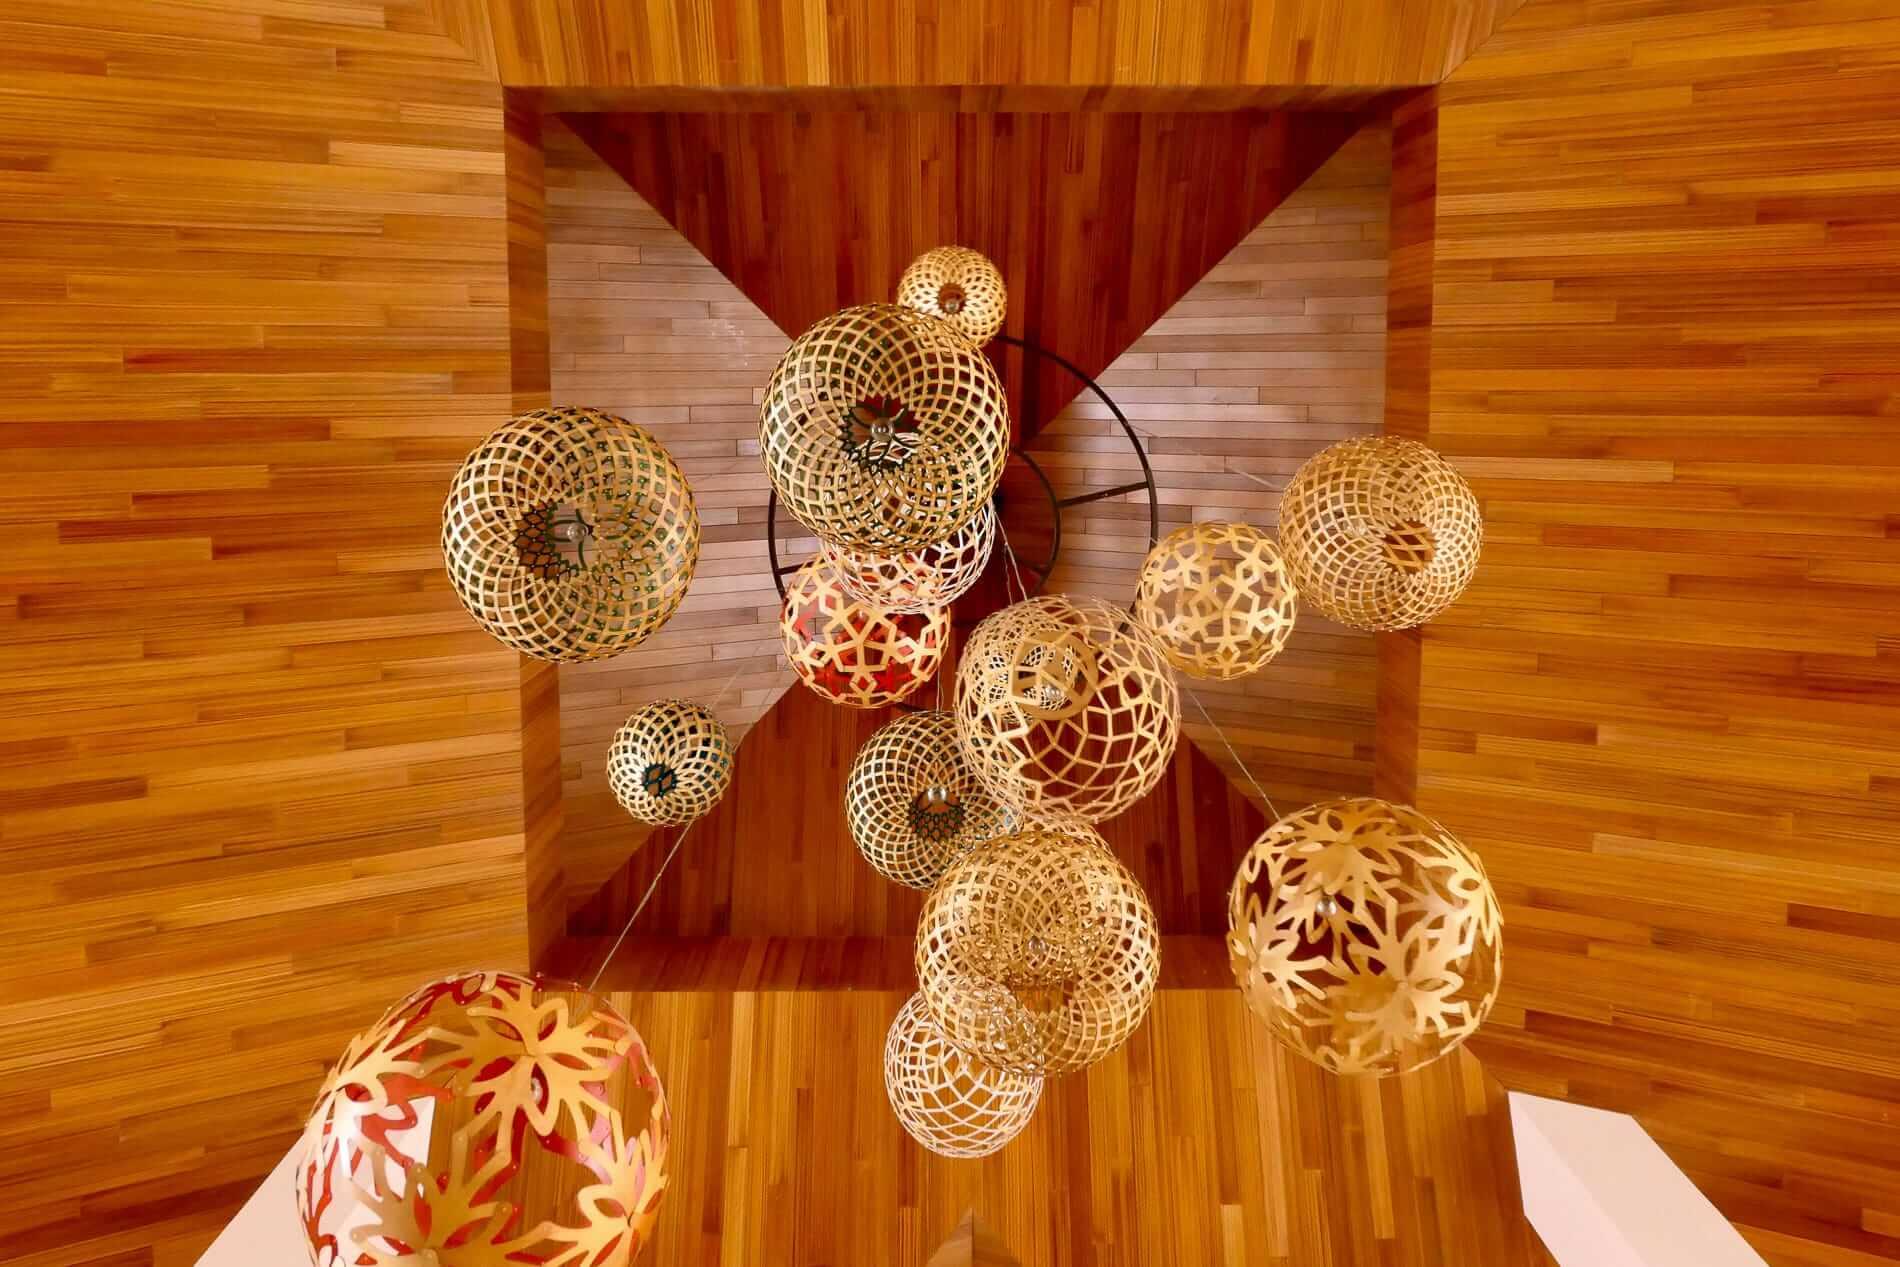 basket chandelier at Pullman Resort's reception